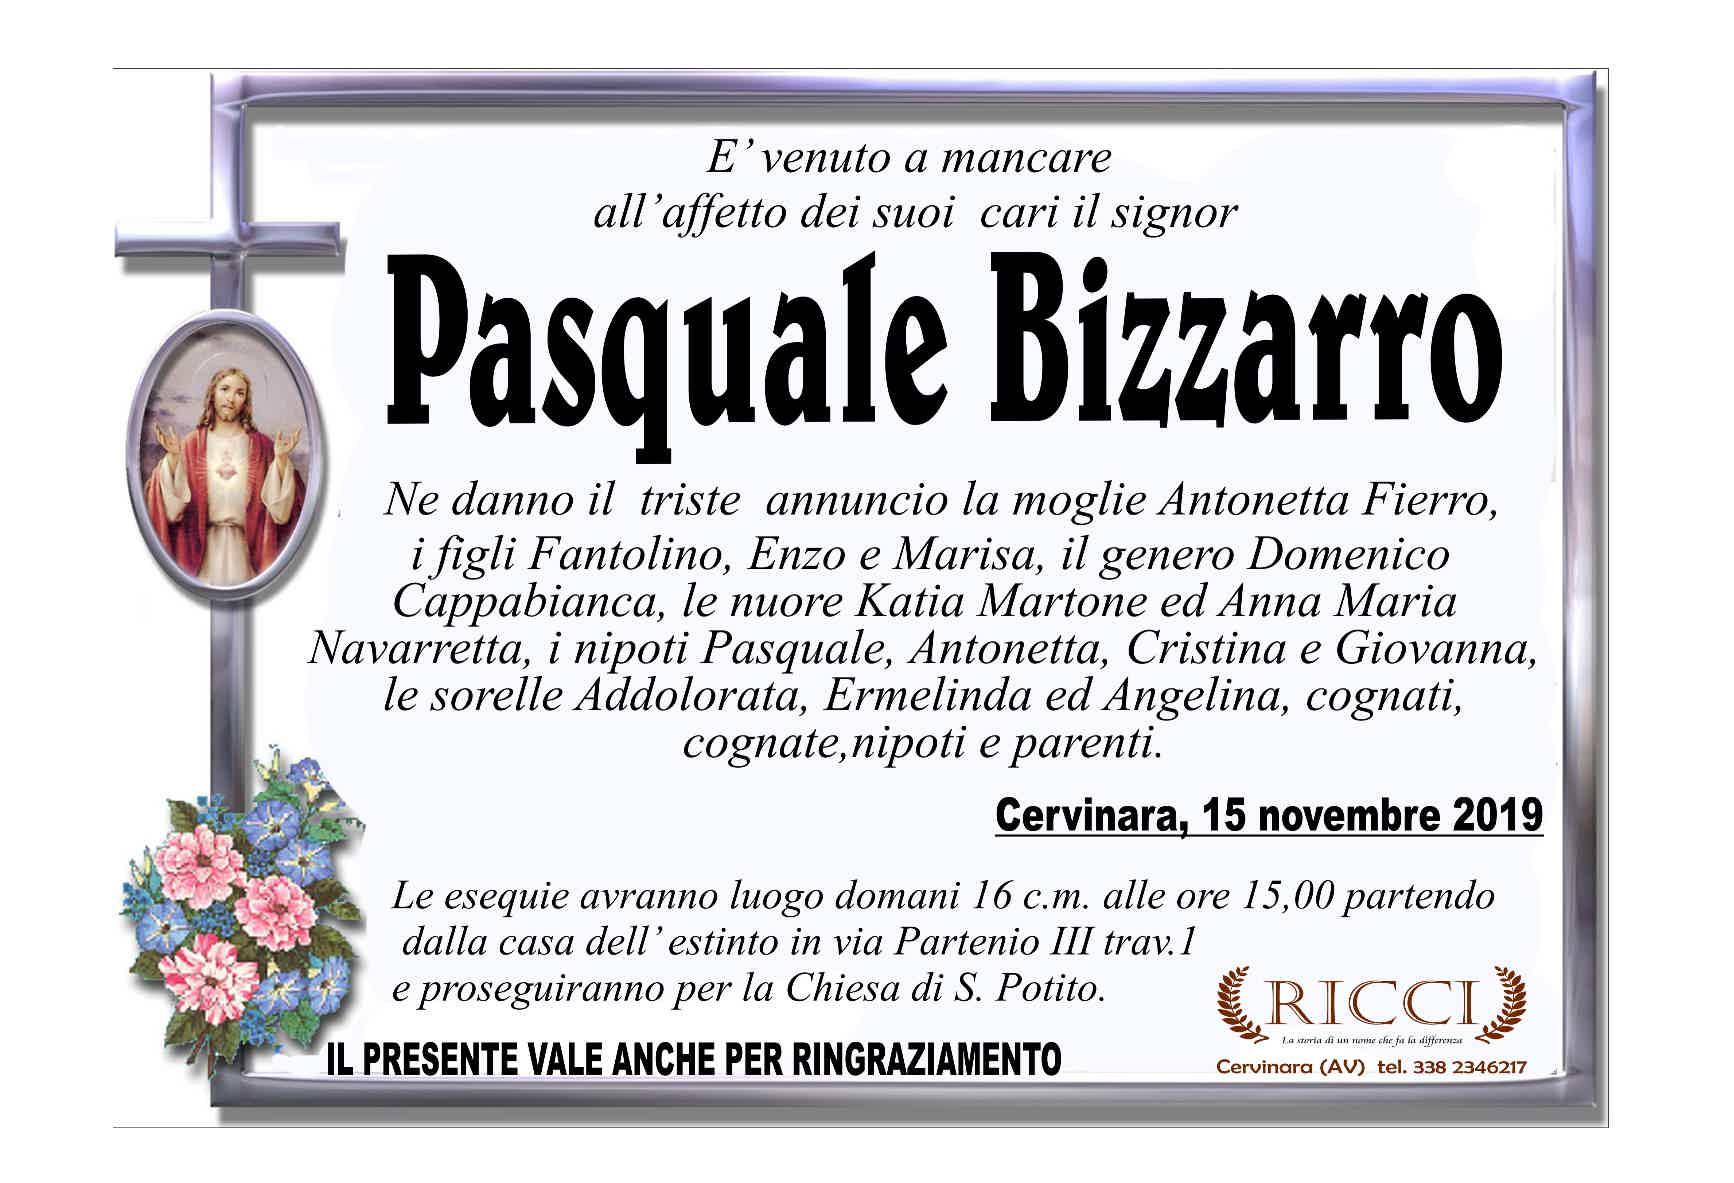 Pasquale Bizzarro